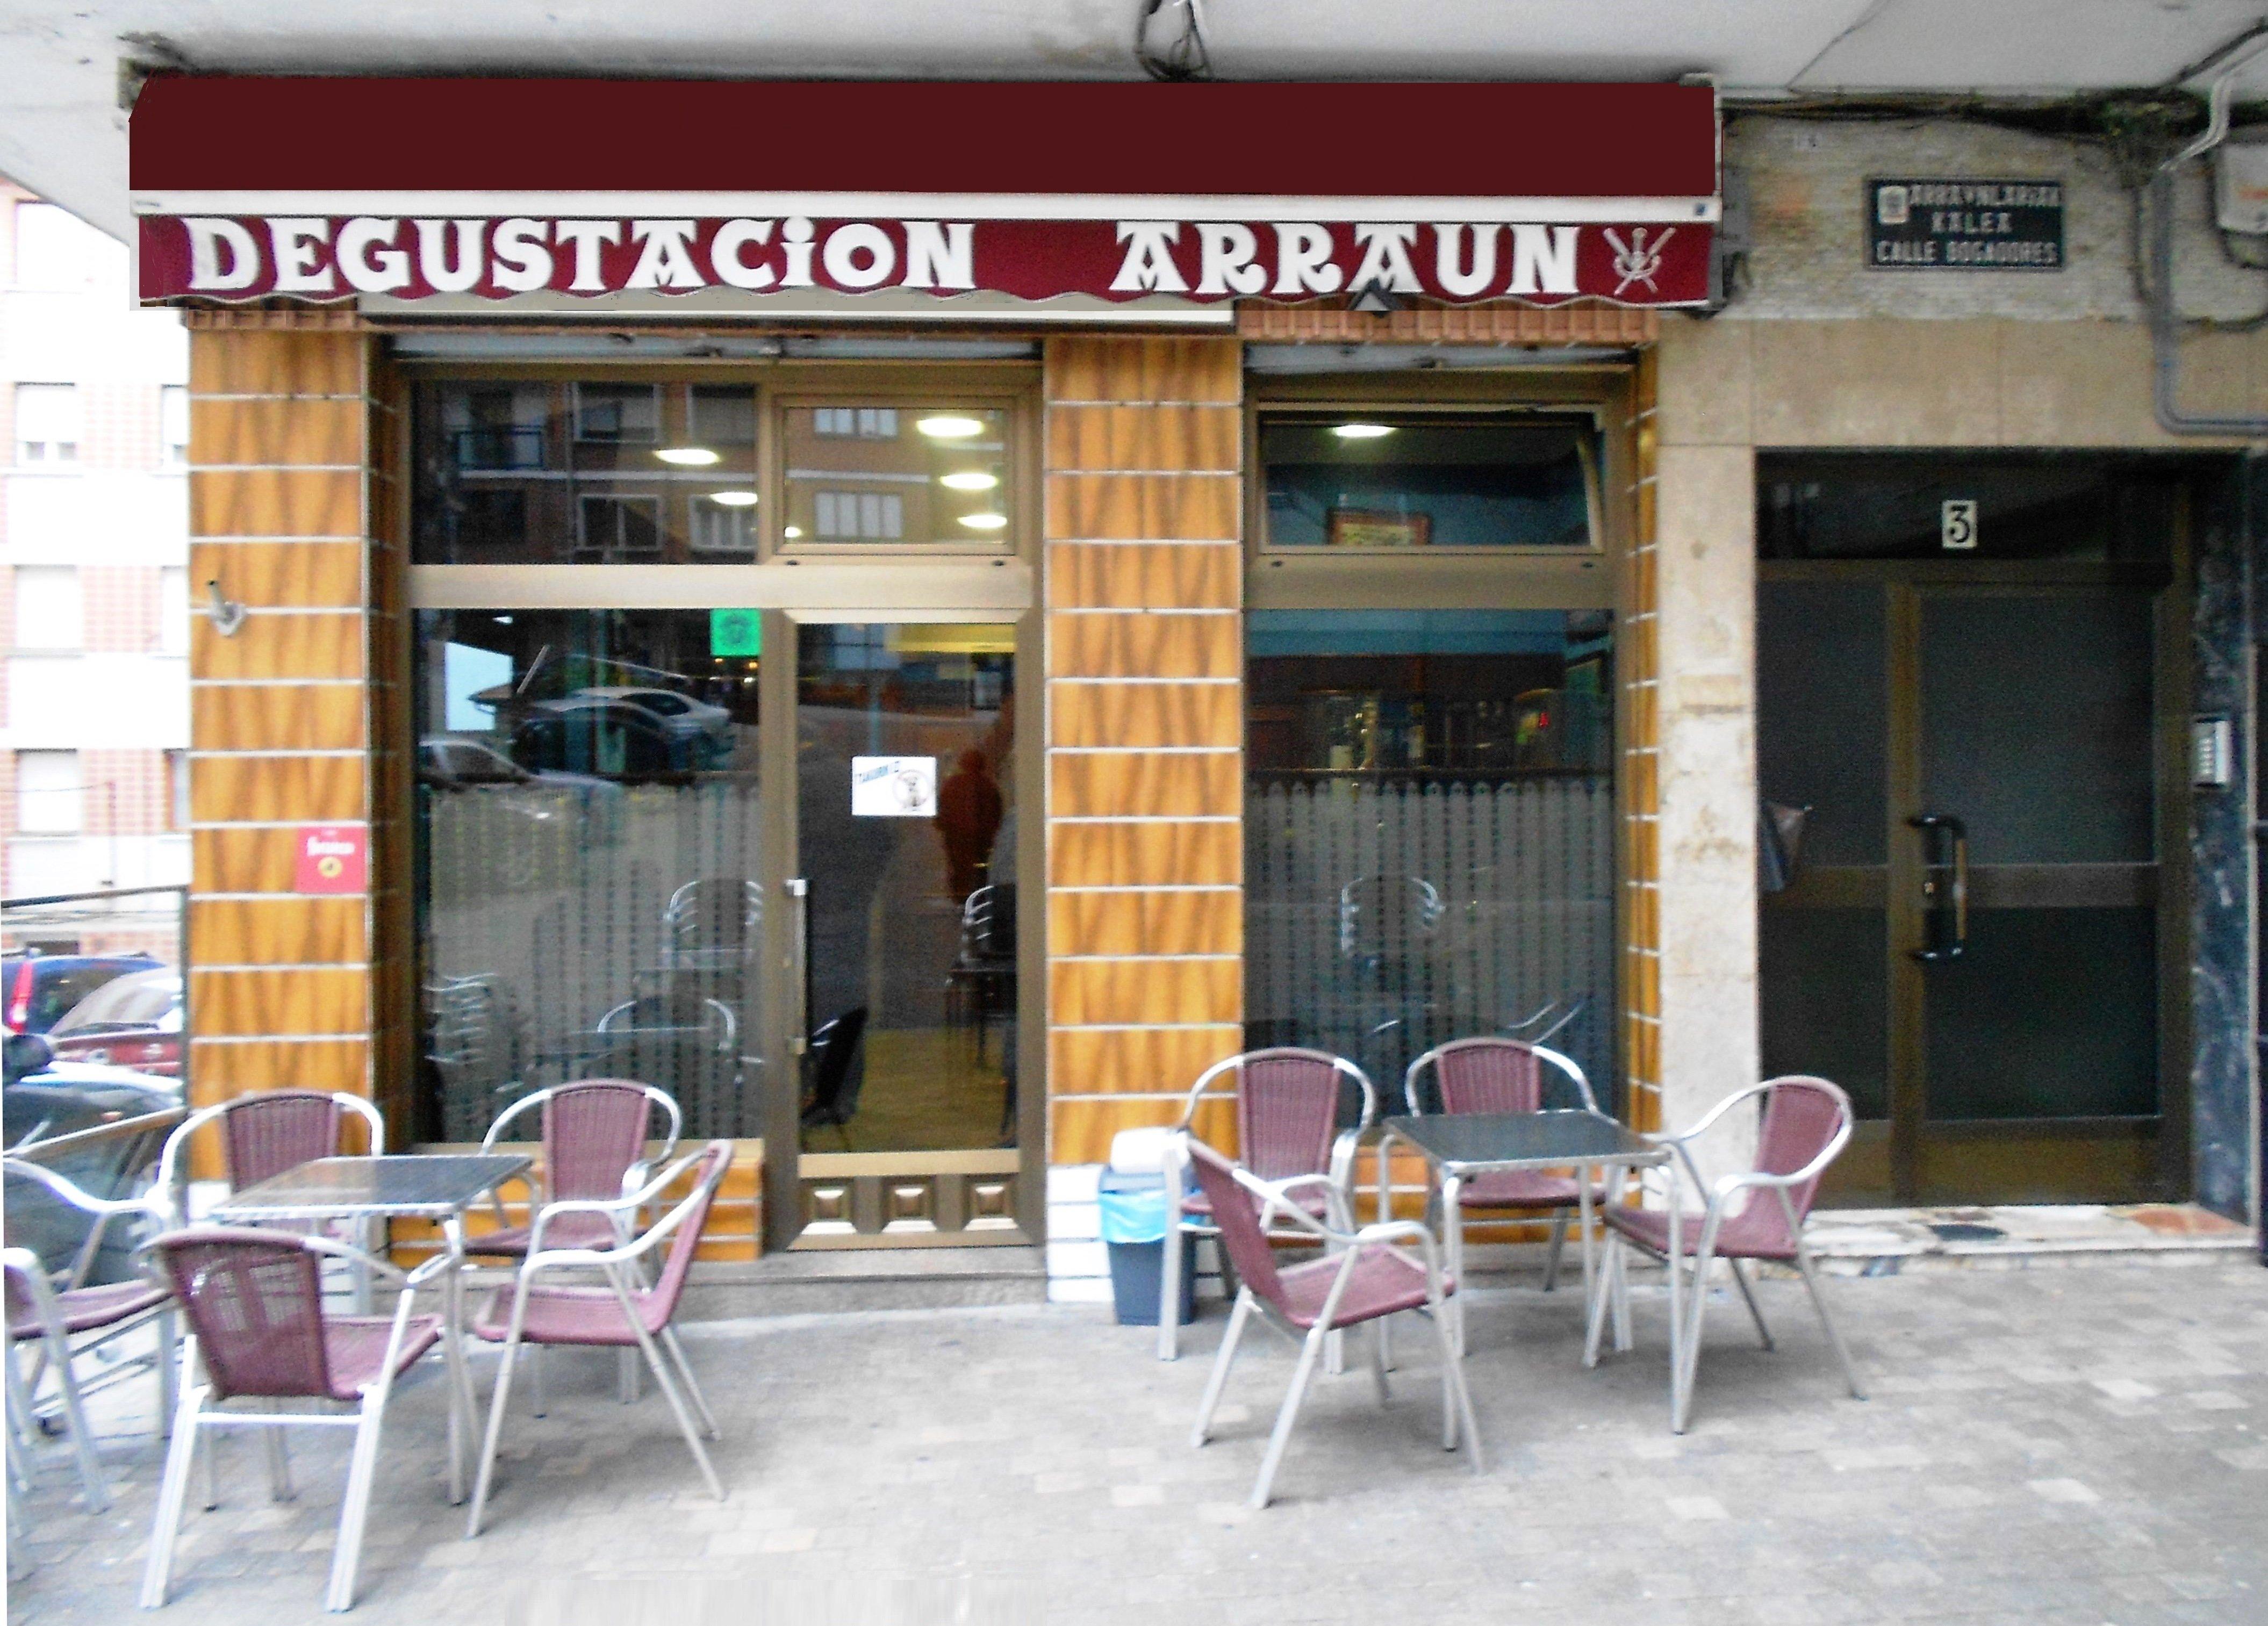 Degustación Arraun